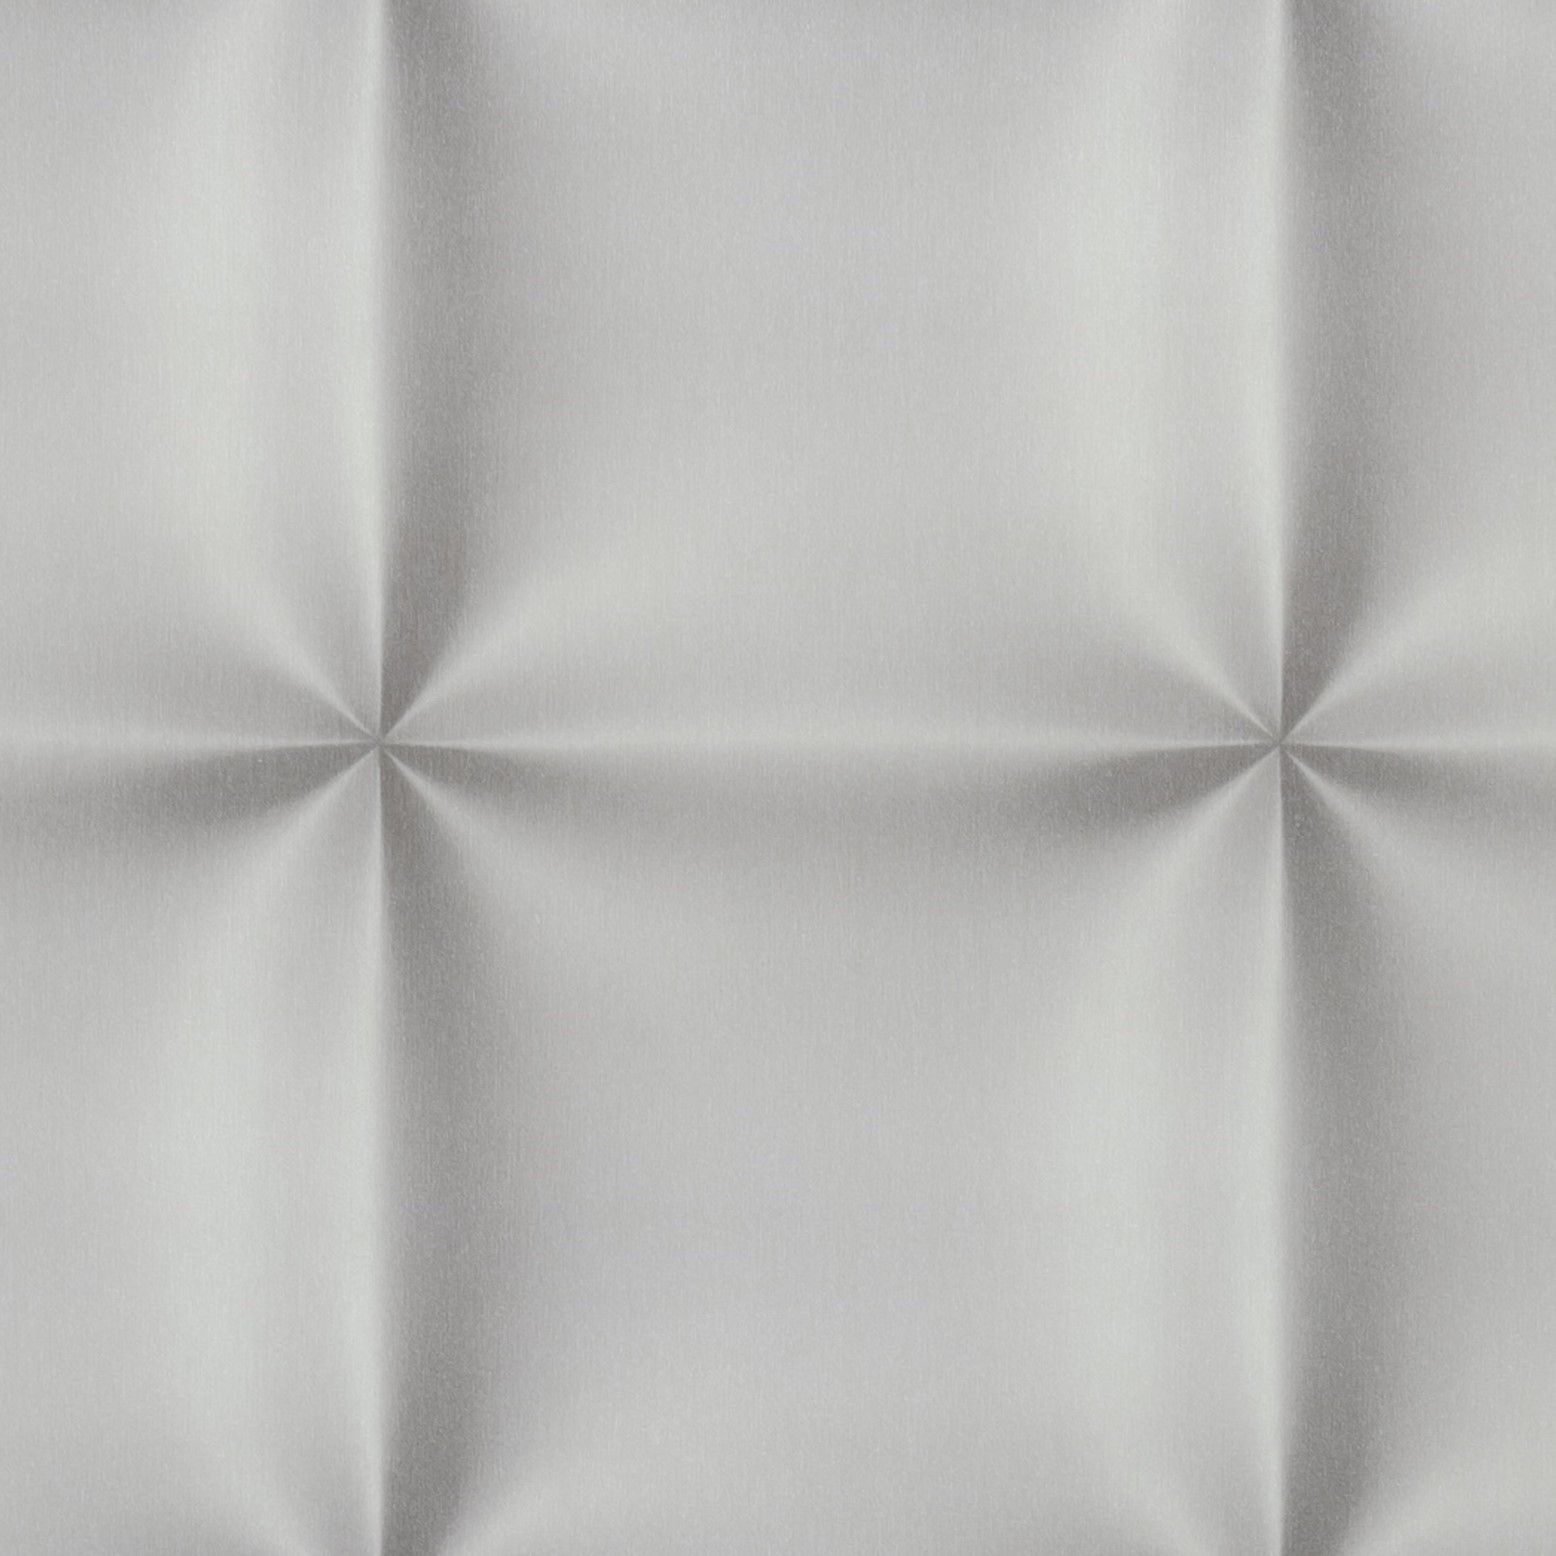 Papel de Parede Vinílico Coleção Paris Geométrico Almofadas Cinza, Bege